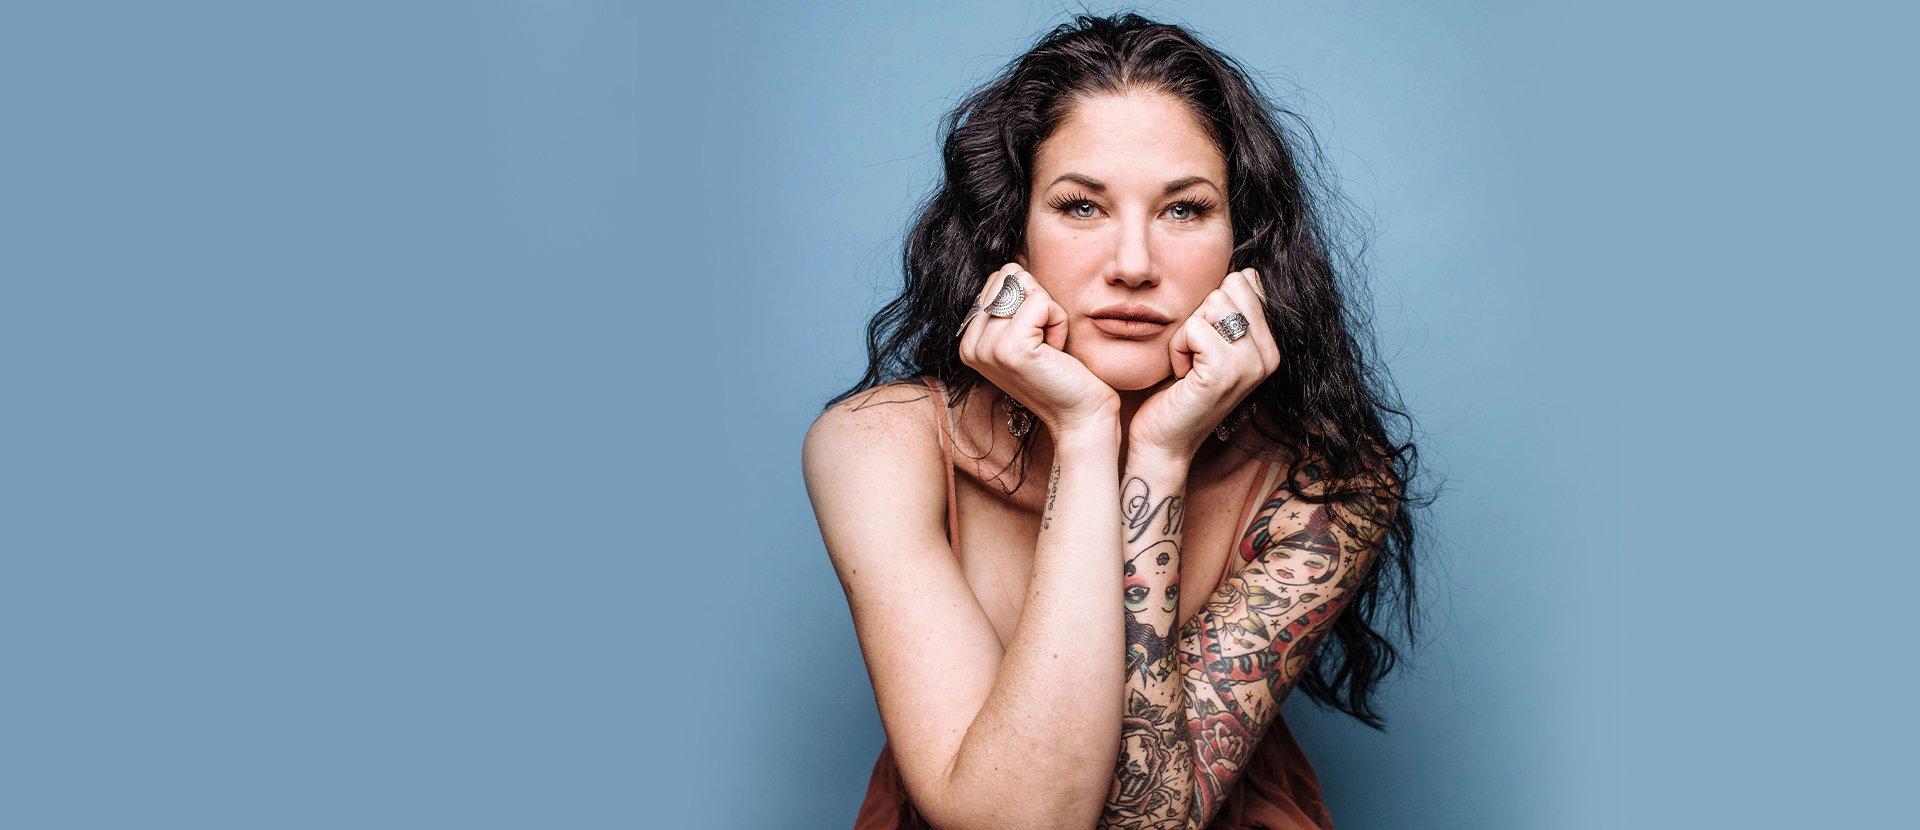 Mulher Tatuada 1